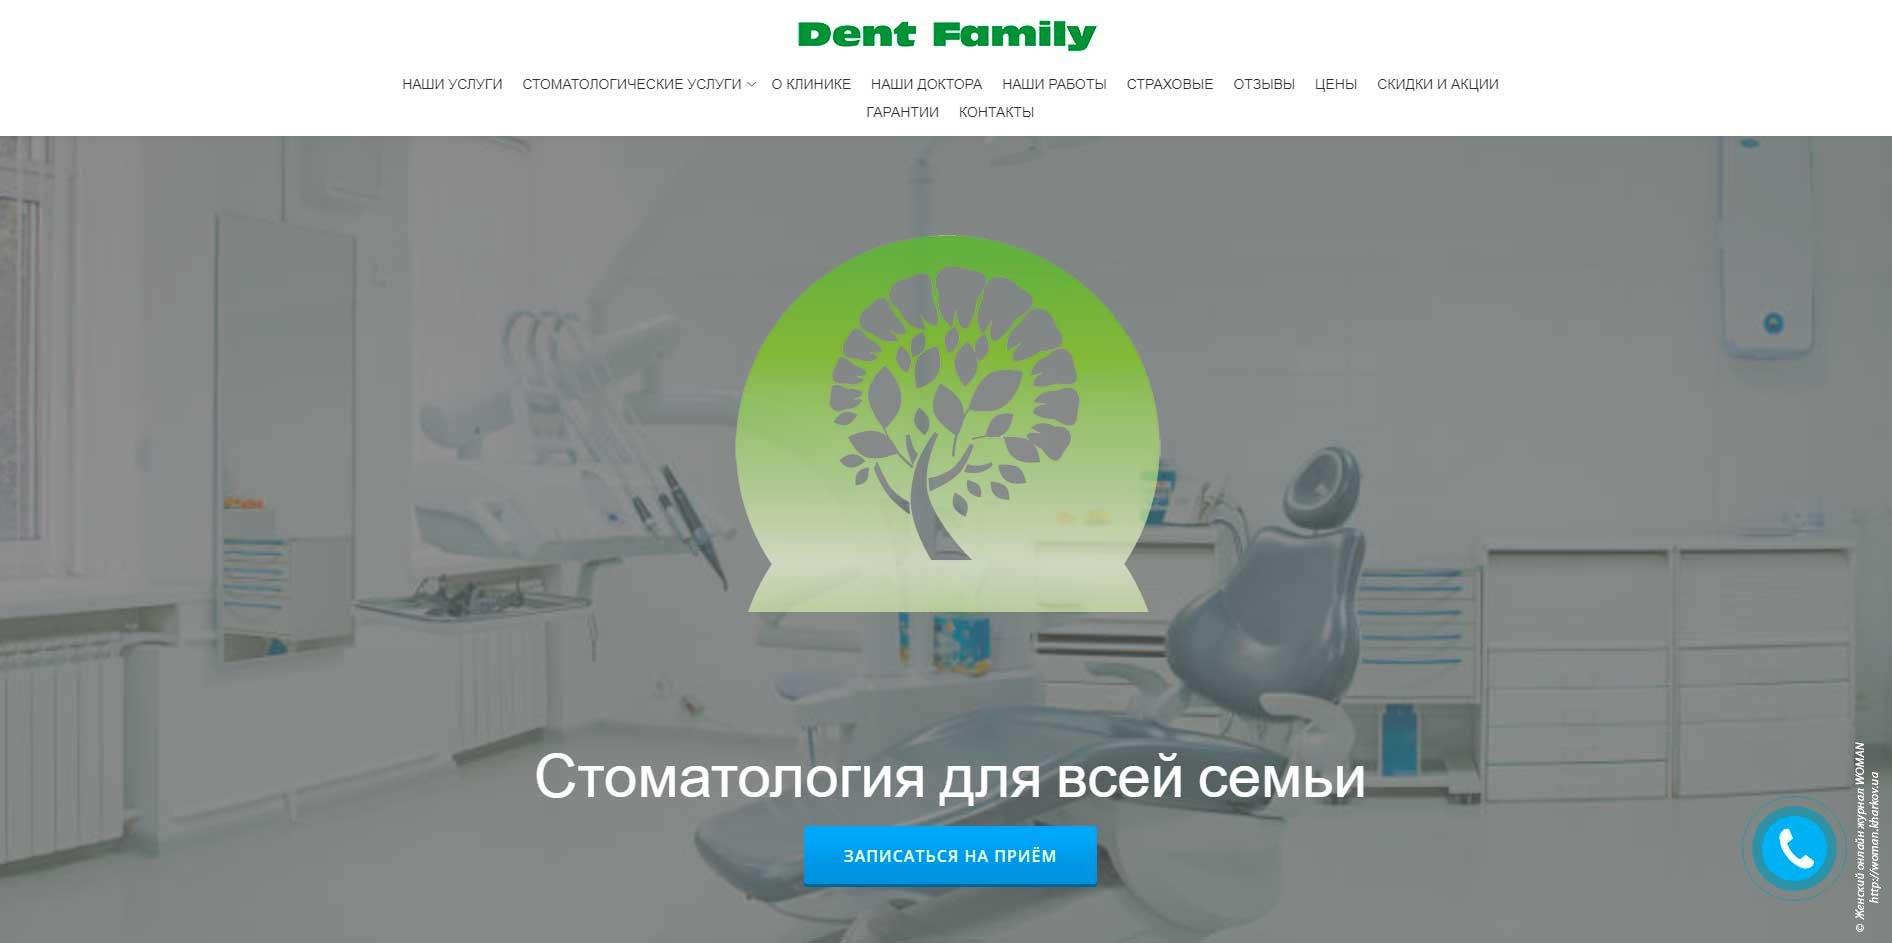 В какой стоматологии в Киеве можно получить квалифицированное лечение